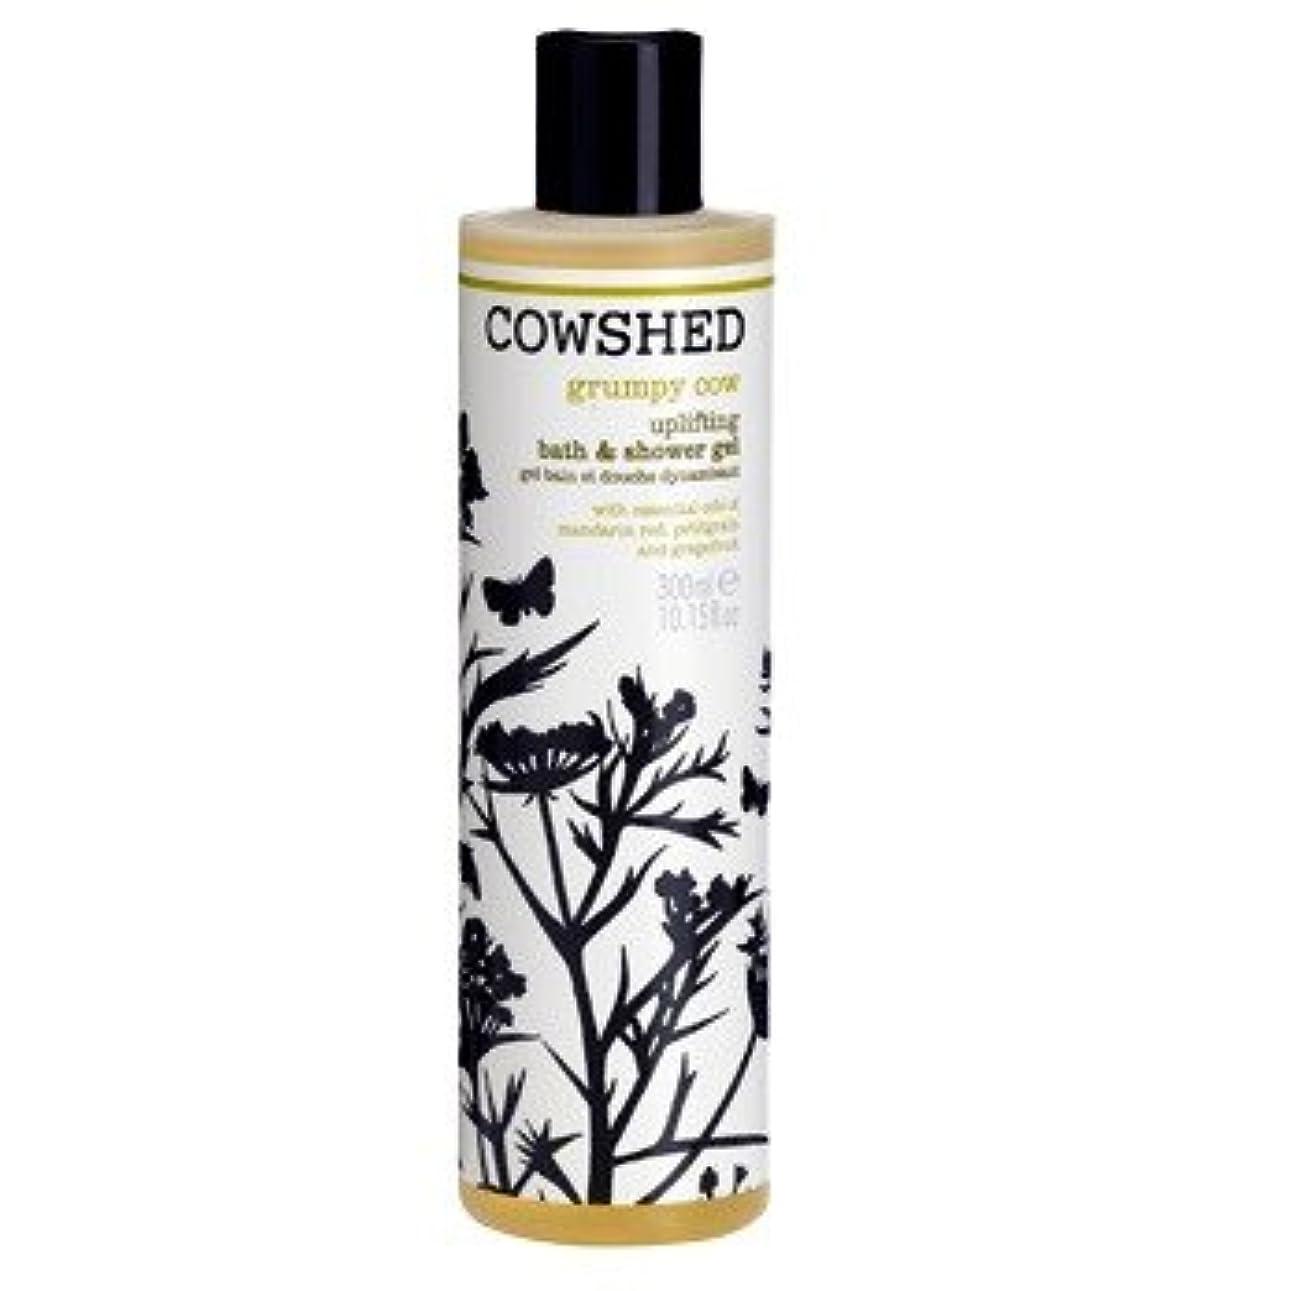 割り当てる大声で人間牛舎気難しい牛高揚バス&シャワージェル300ミリリットル (Cowshed) (x2) - Cowshed Grumpy Cow Uplifting Bath & Shower Gel 300ml (Pack of 2)...